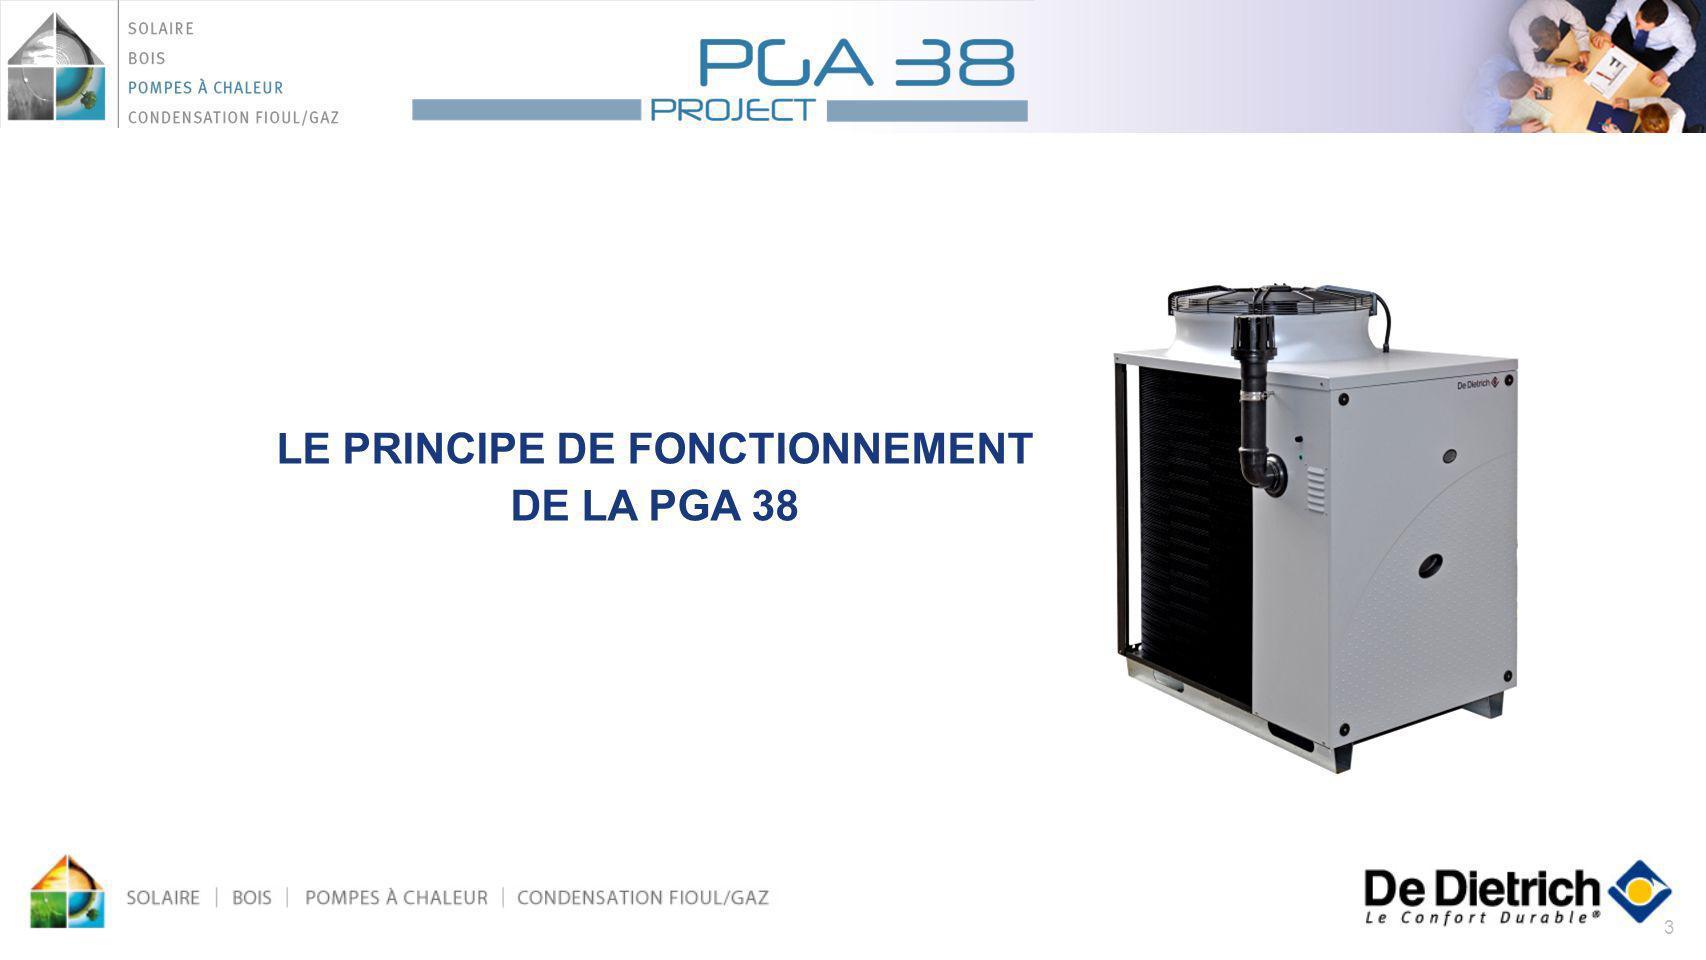 64 Implantation des machines 64 Cadre détude ICPE Contraintes réglementaires Réglementation ICPE 2920 – installation de réfrigération sous pression (+ de 1bar relatif ) SOUMIS A DECLARATIONSOUMIS A AUTORISATION PAC MOTEUR R410A Pa > 50 kWPa > 500 kW PAC ABSORPTION AMMONIACPa > 20 kWPa > 300 kW Pa = puissance absorbé pour lensemble de linstallation de PAC Pa = Pgaz sur PAC ABSORPTION & Pa = Pcompresseur sur PAC MOTEUR ( = environ 1/3 de Pgaz – voir constructeur) « Vide réglementaire » + en cours de révision – demander à la DRIIRE au cas par cas